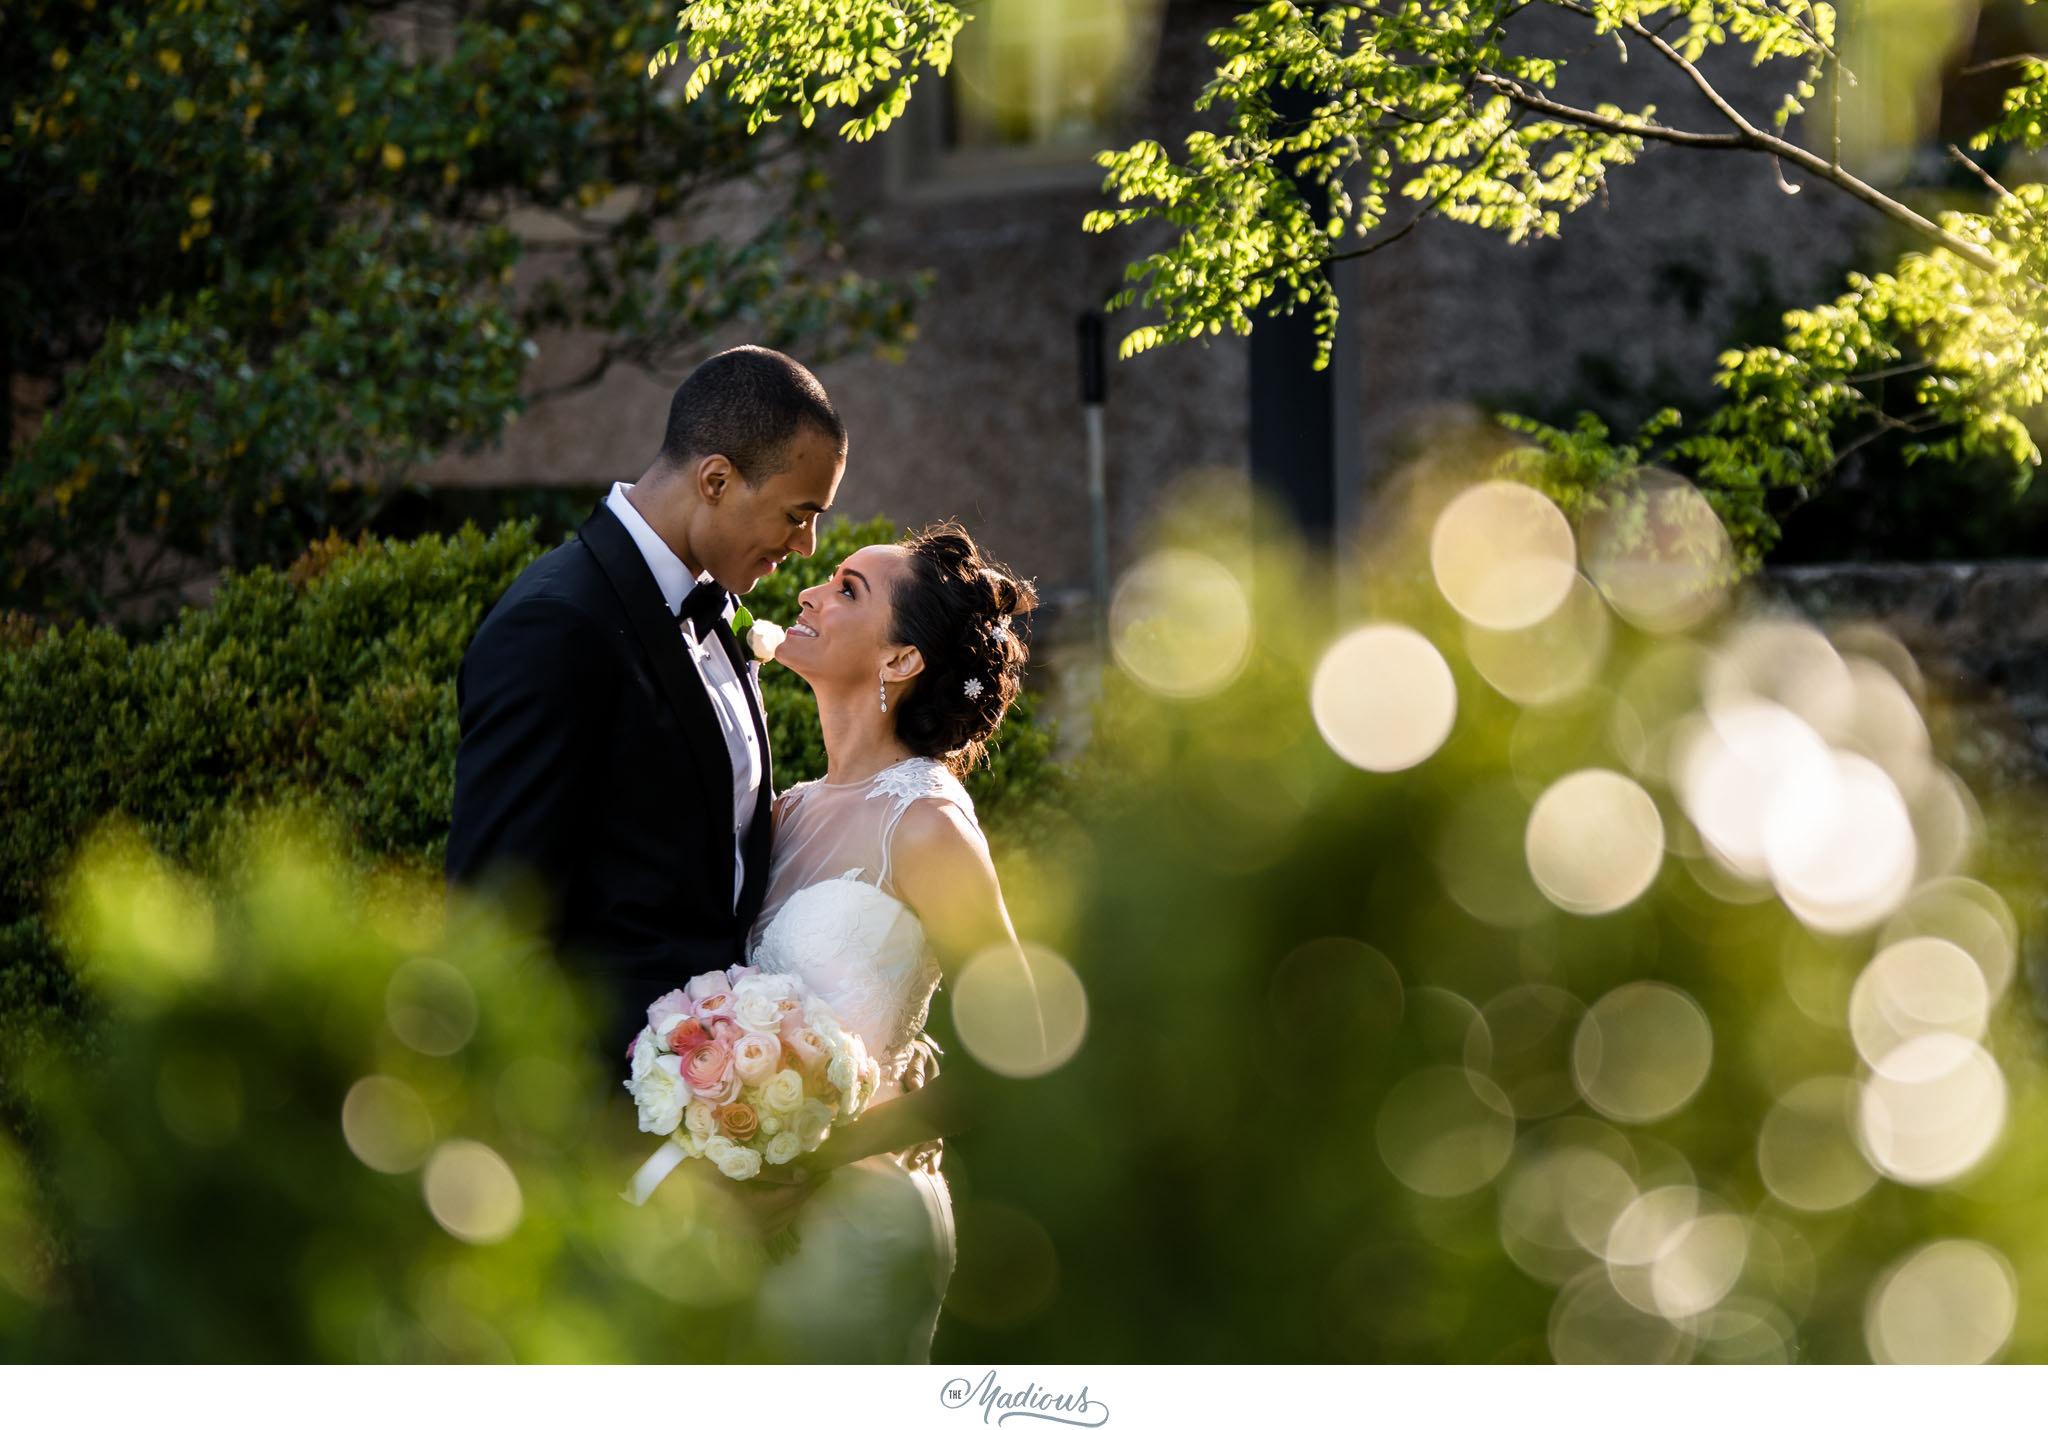 Fairmont Hotel DC Wedding 25.JPG